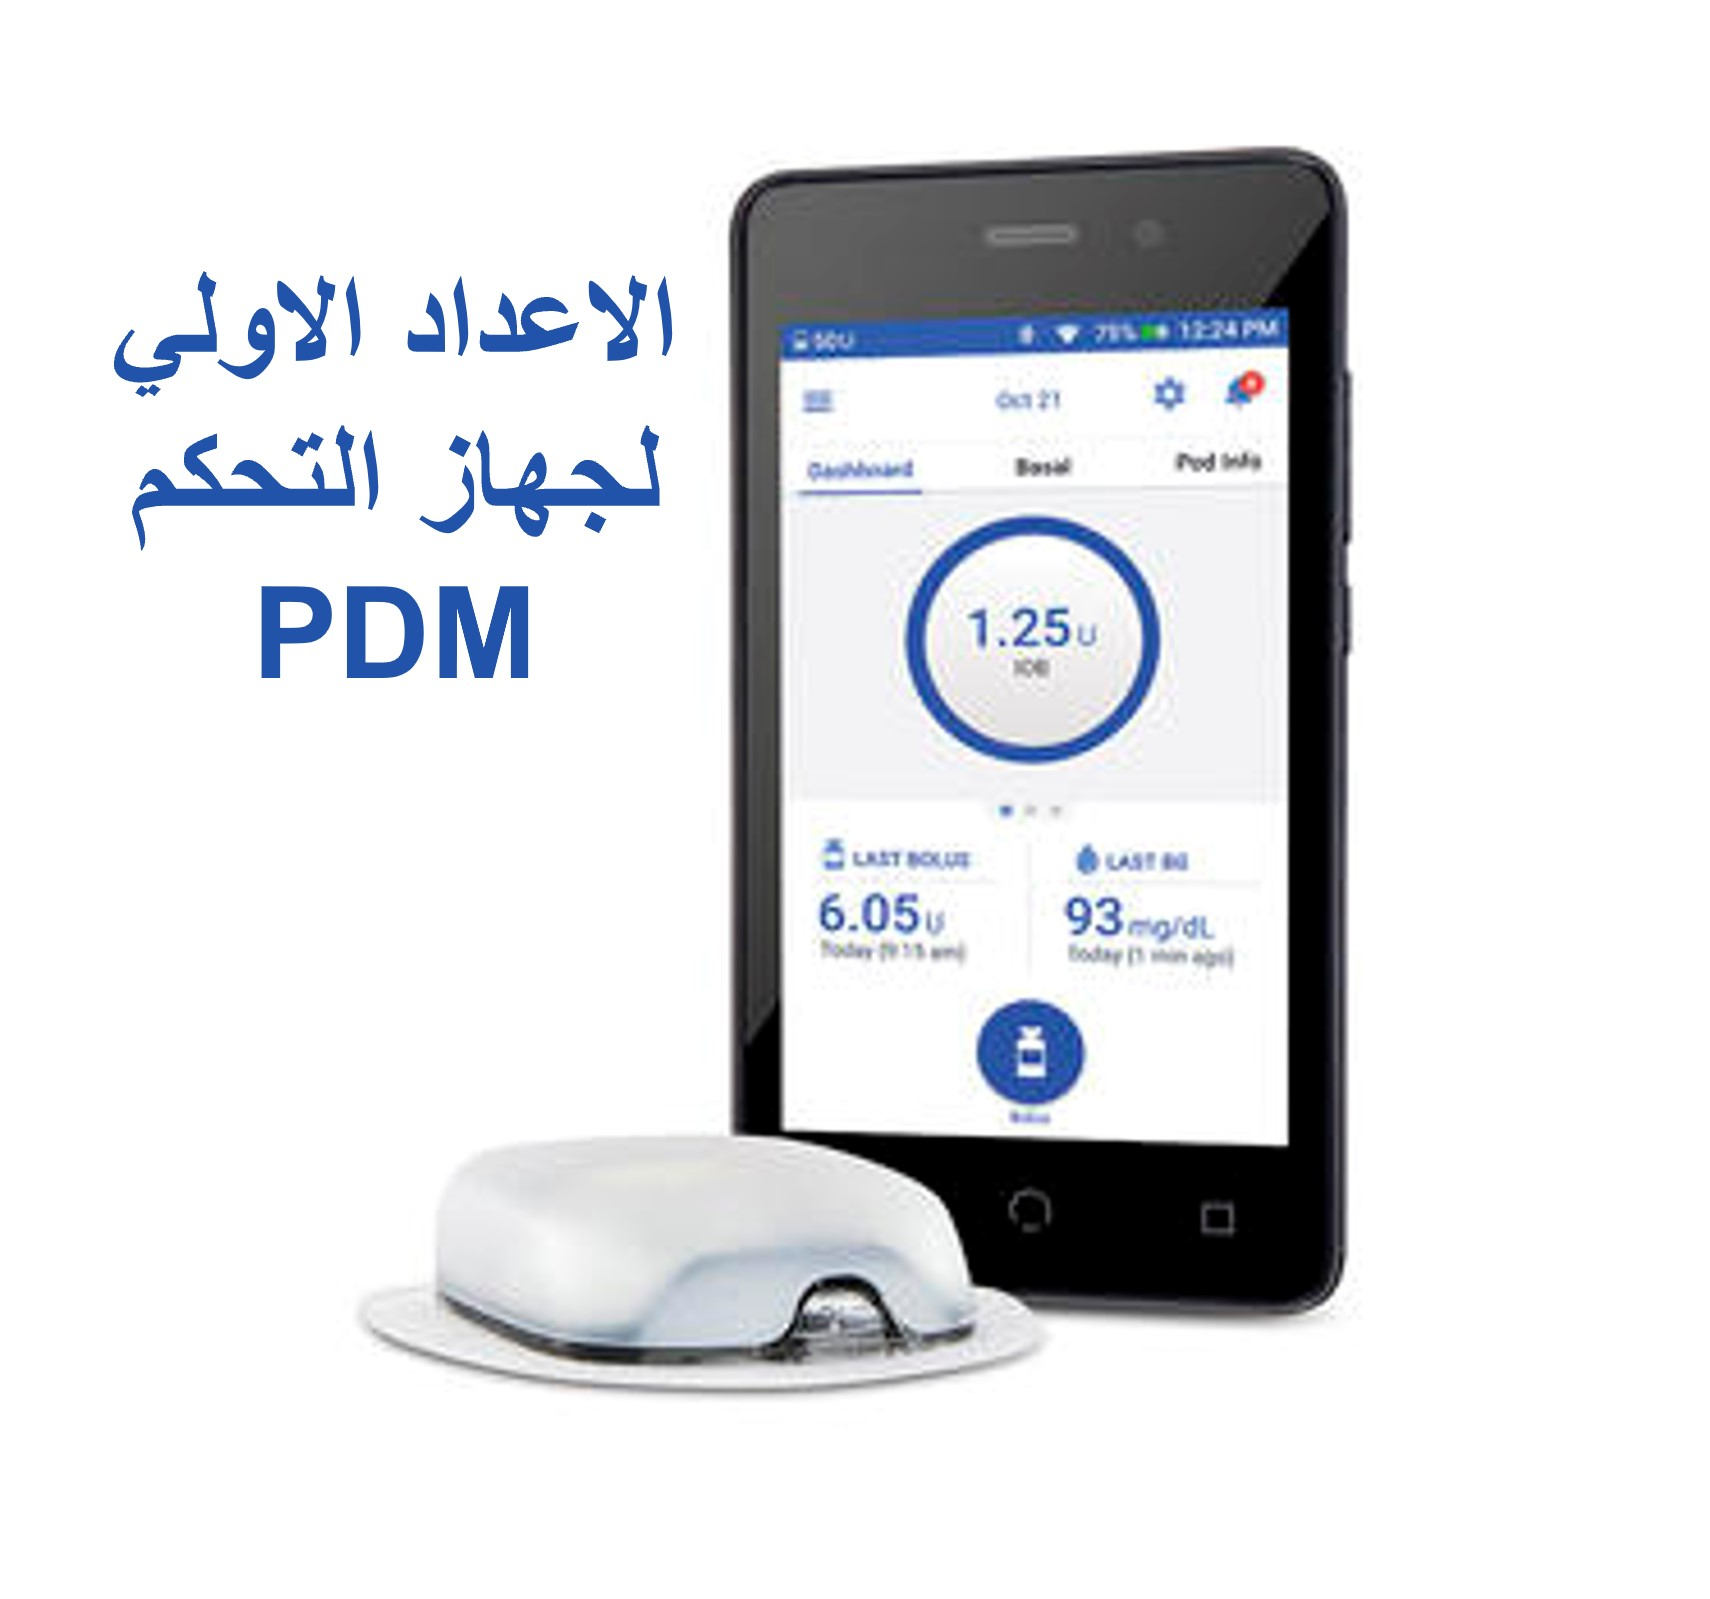 إعداد جهاز تحكم PDM مضخة اومنيبود داش OmniPod